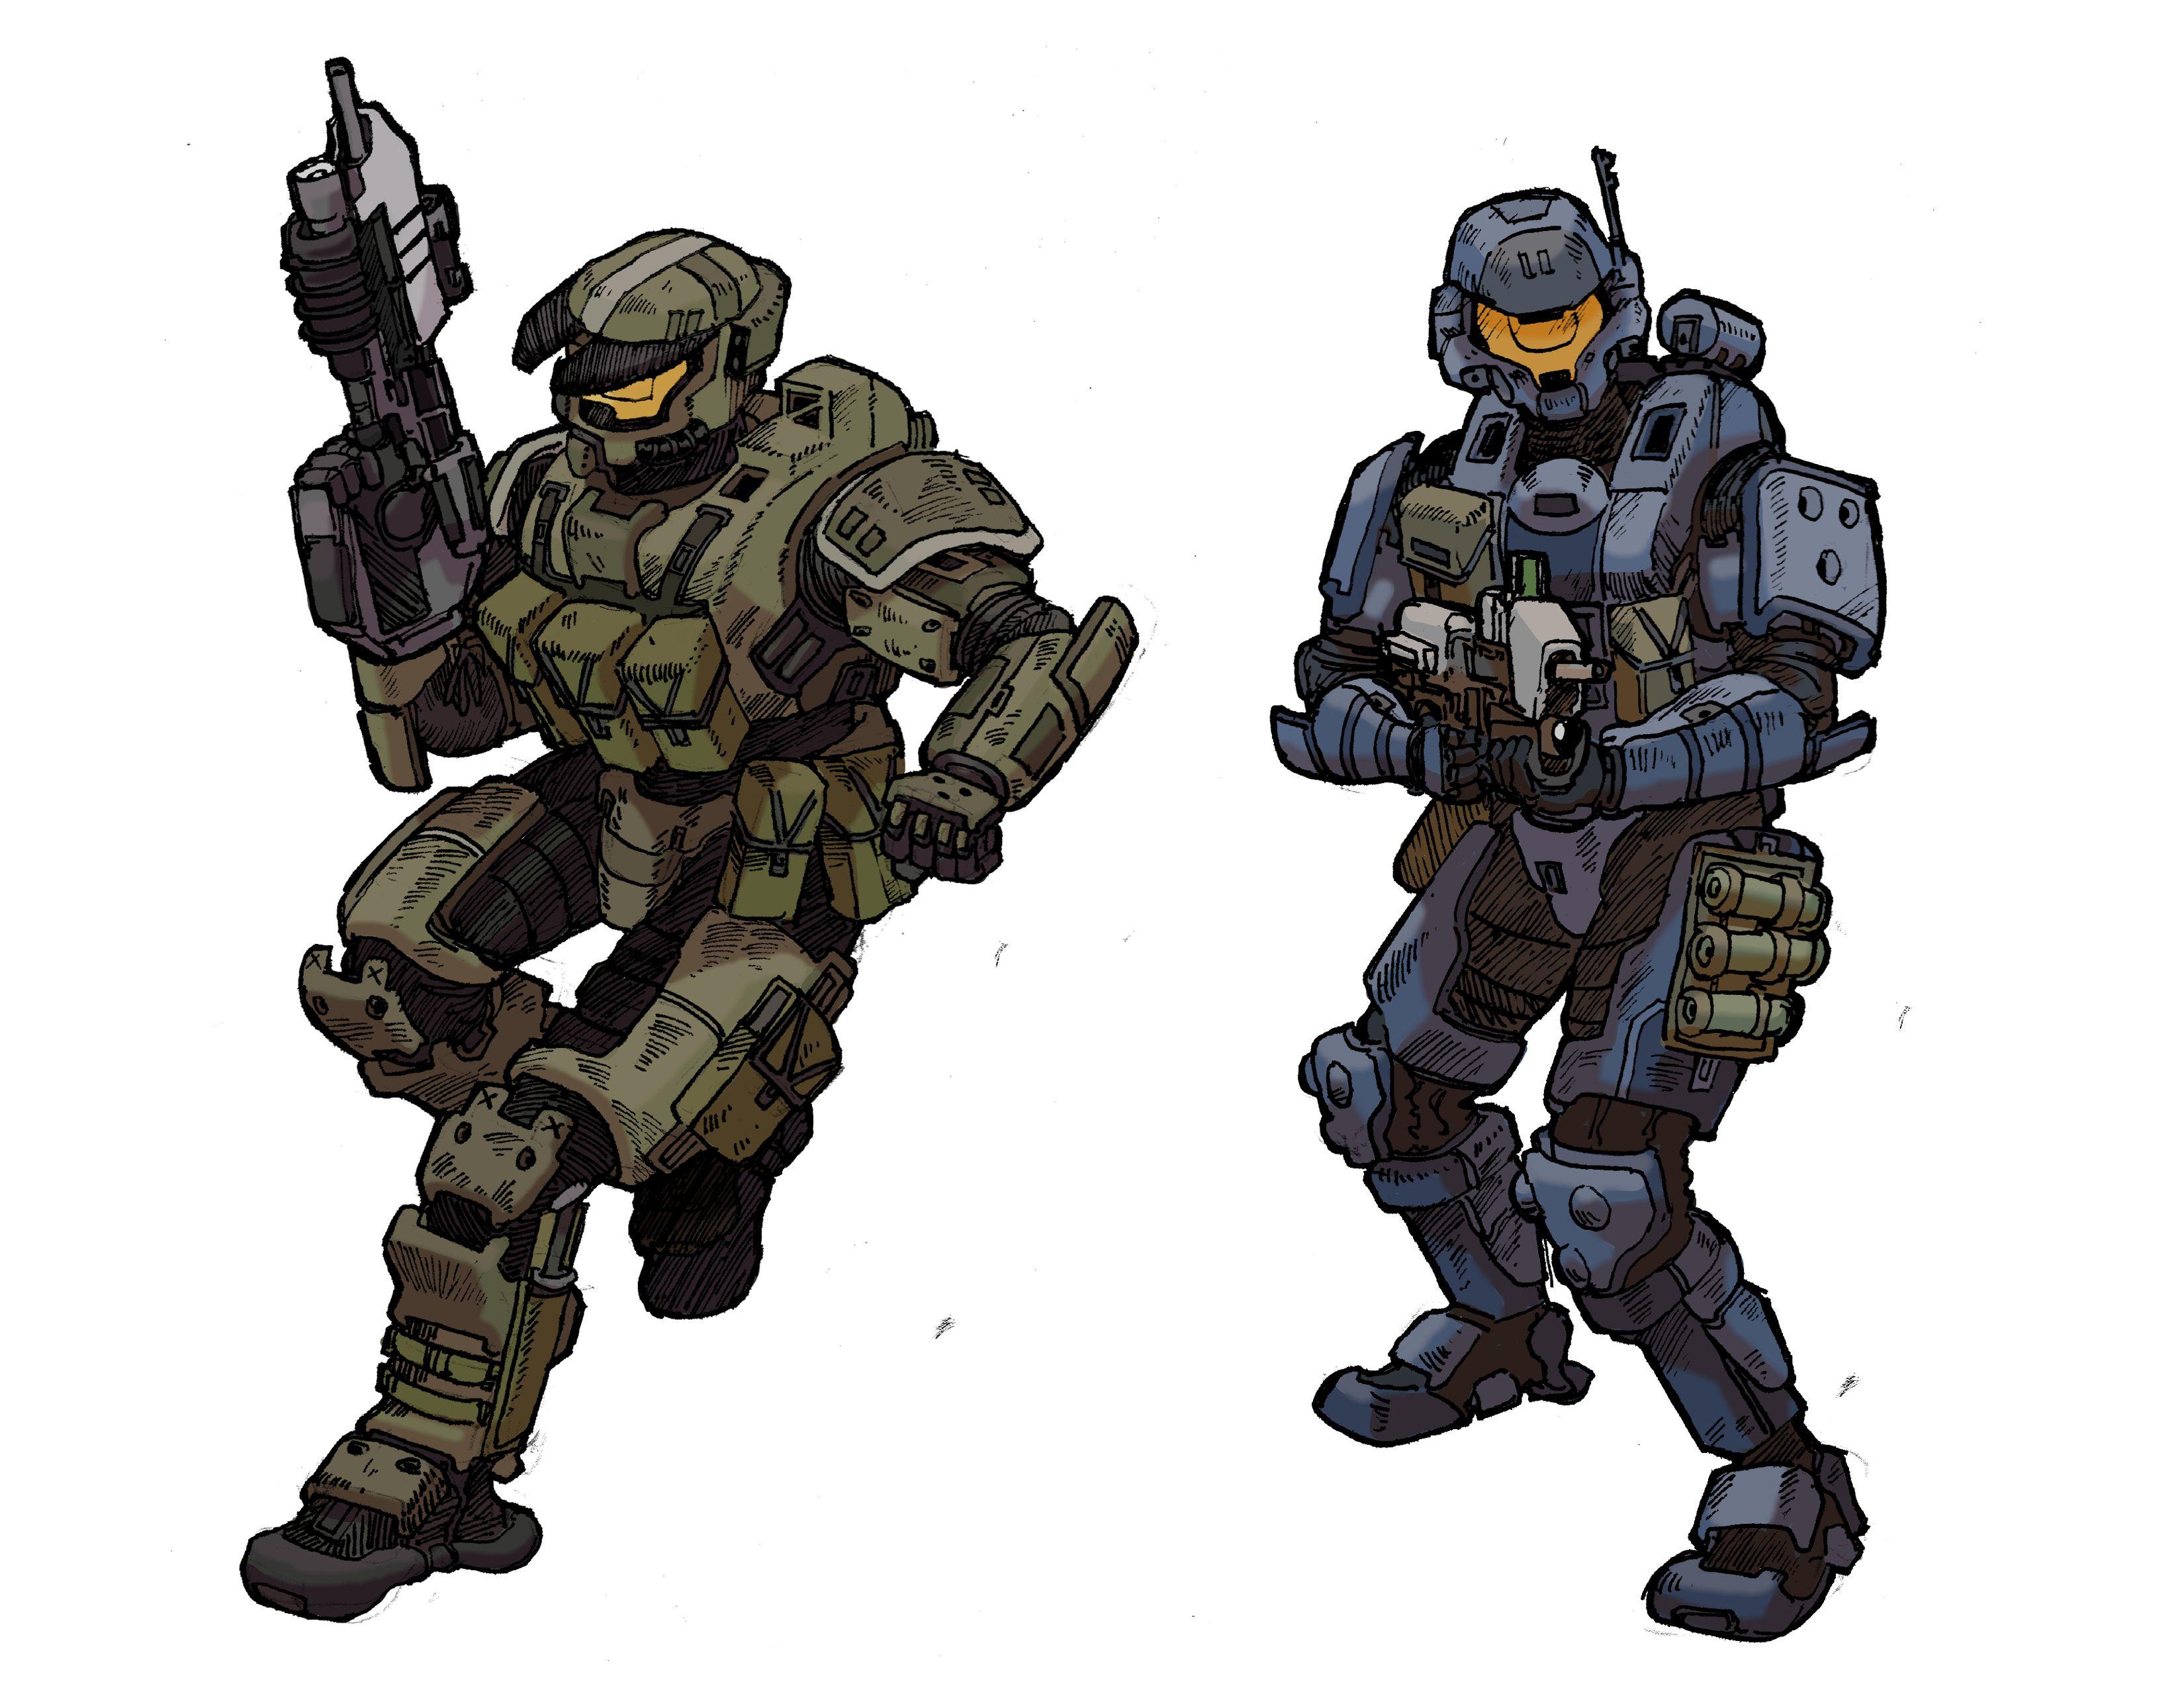 Image Result For Spartan 2s Halo Armor Halo Cosplay Halo Spartan